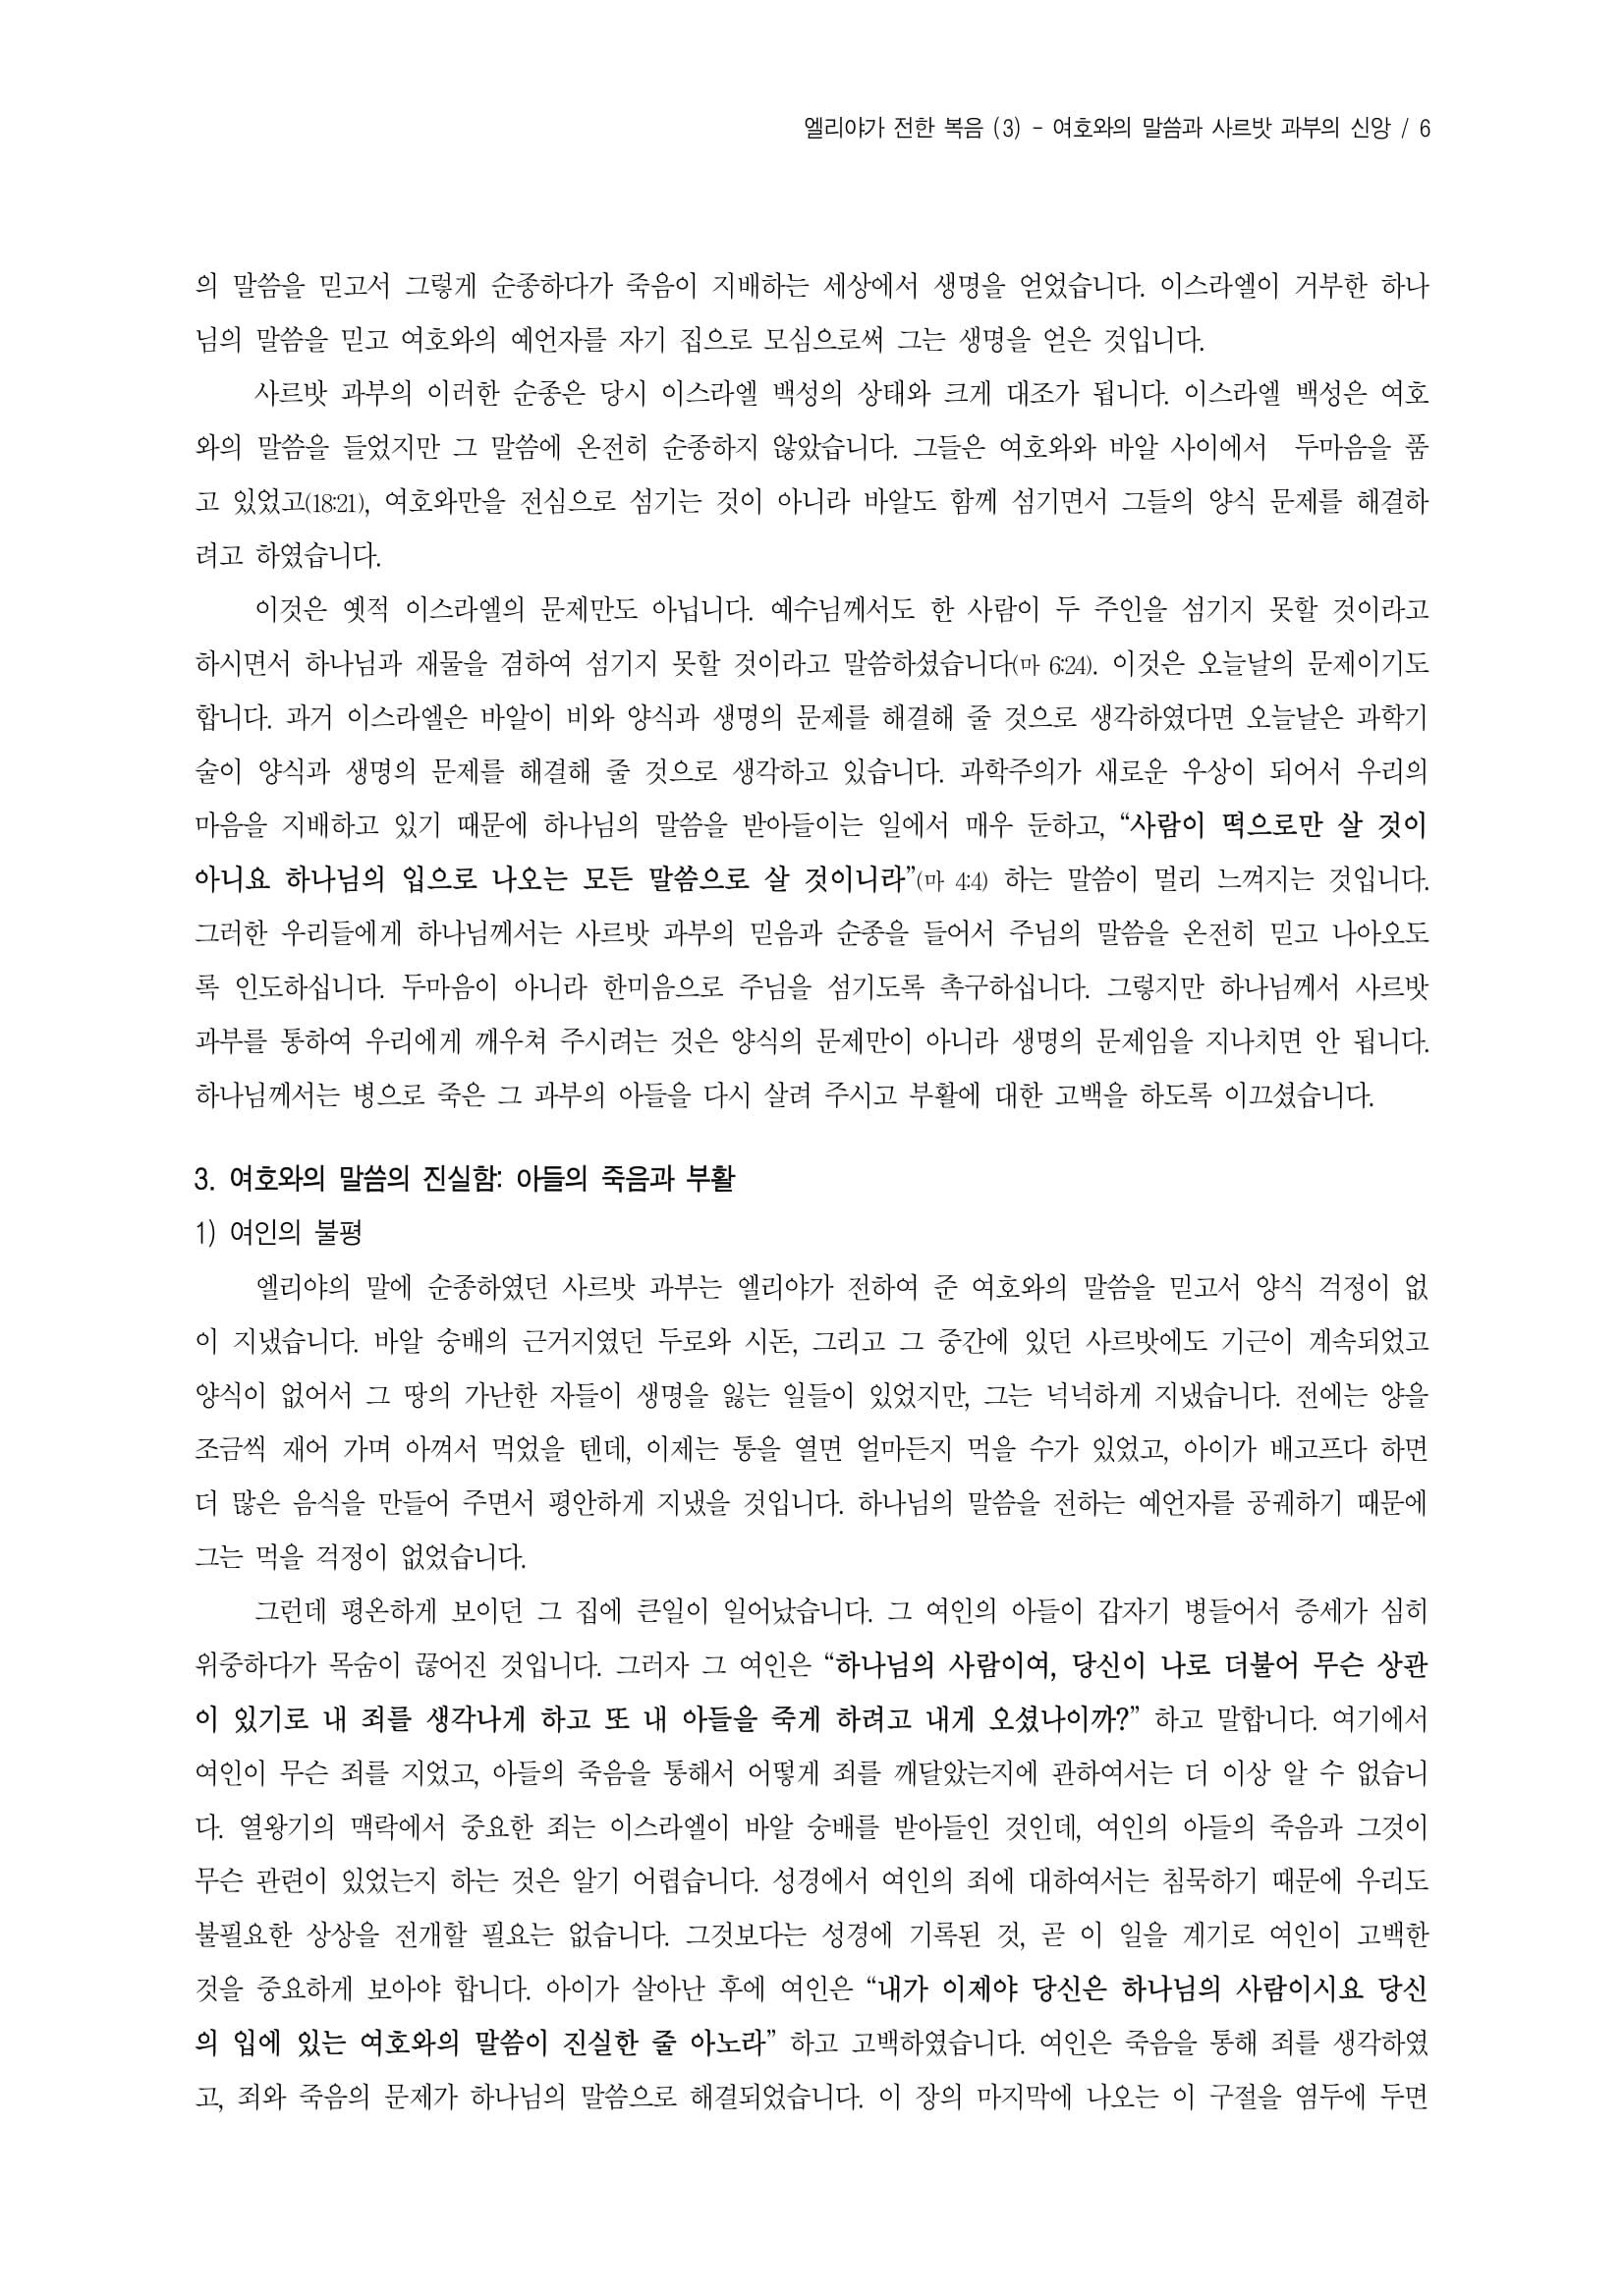 엘리야(3)-여호와의 말씀과 사르밧과부의 신앙_왕상17장-05.jpg